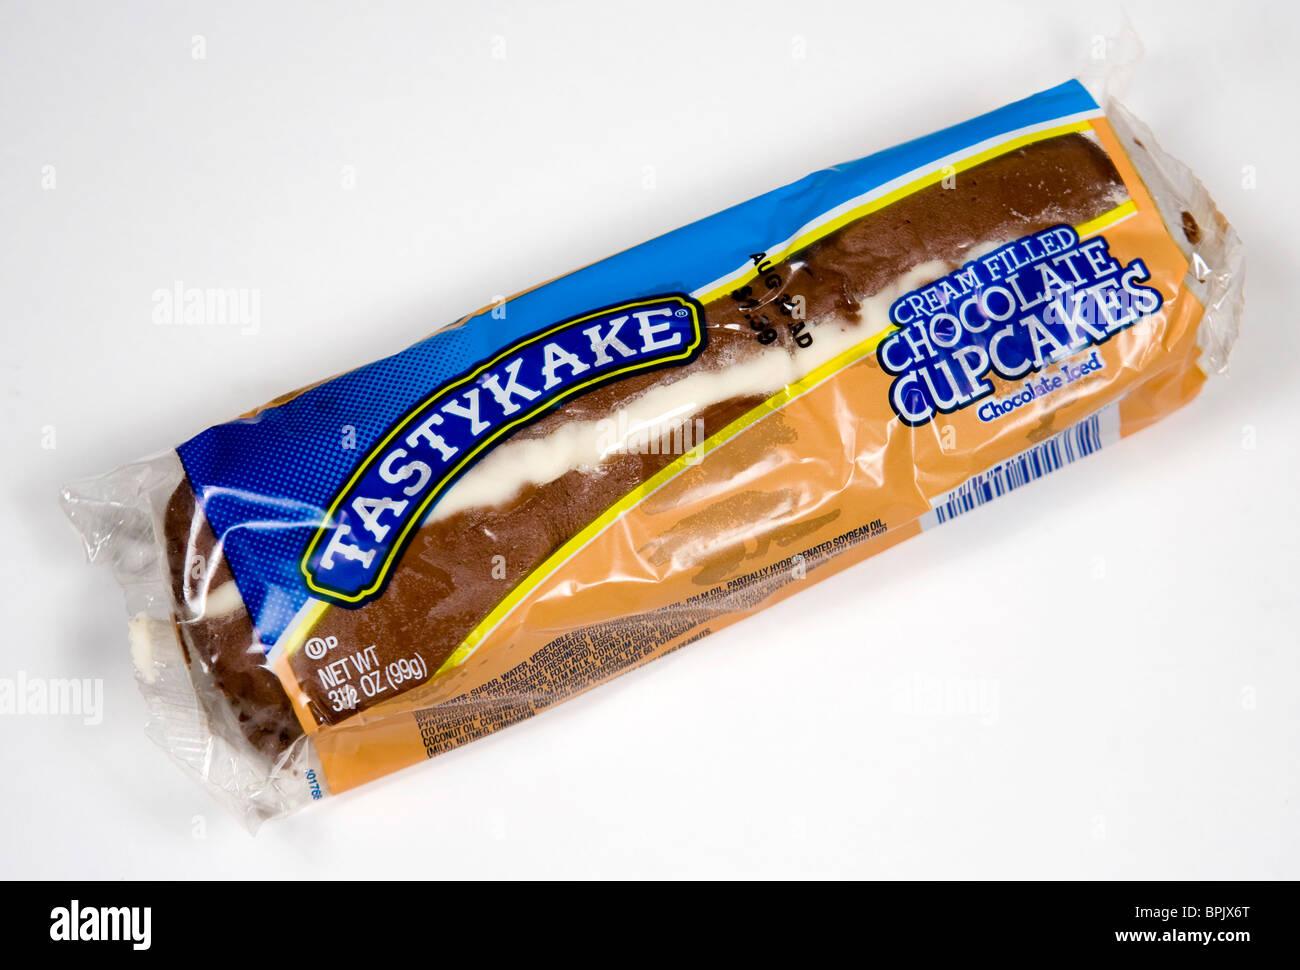 Tastykake Chocolate Cupcakes - Stock Image